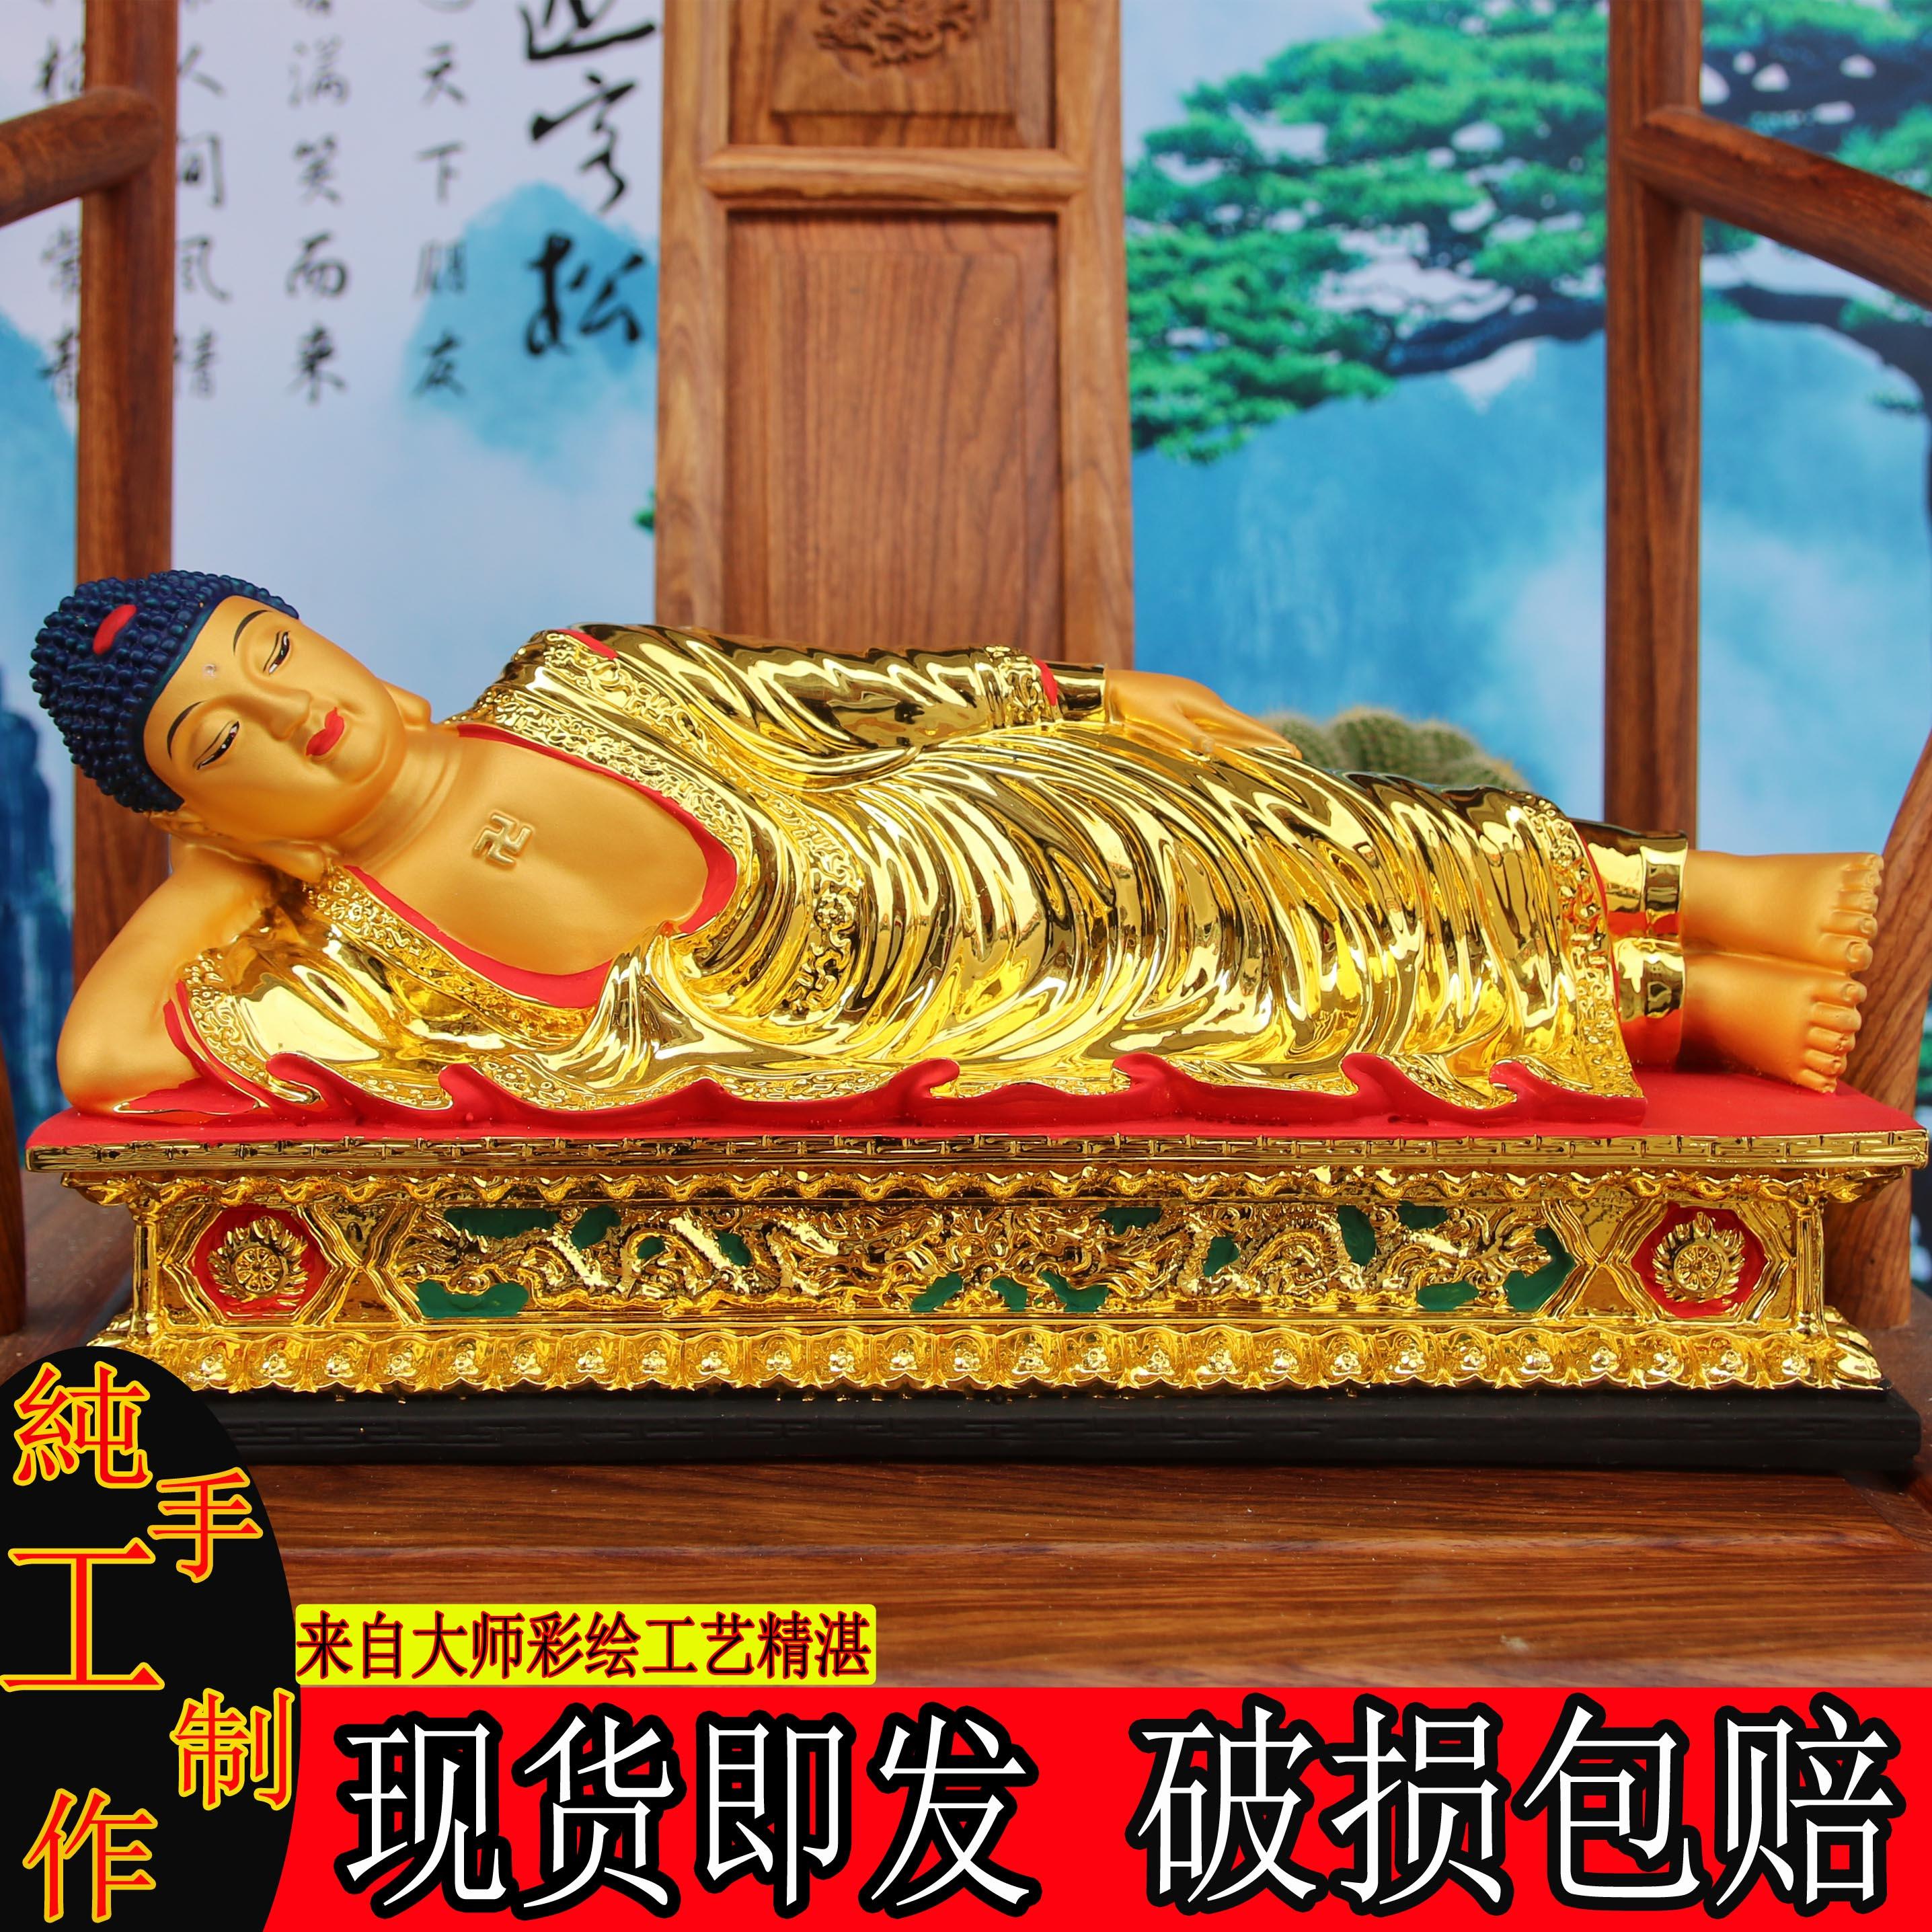 Статуи идолов Артикул 547304047523